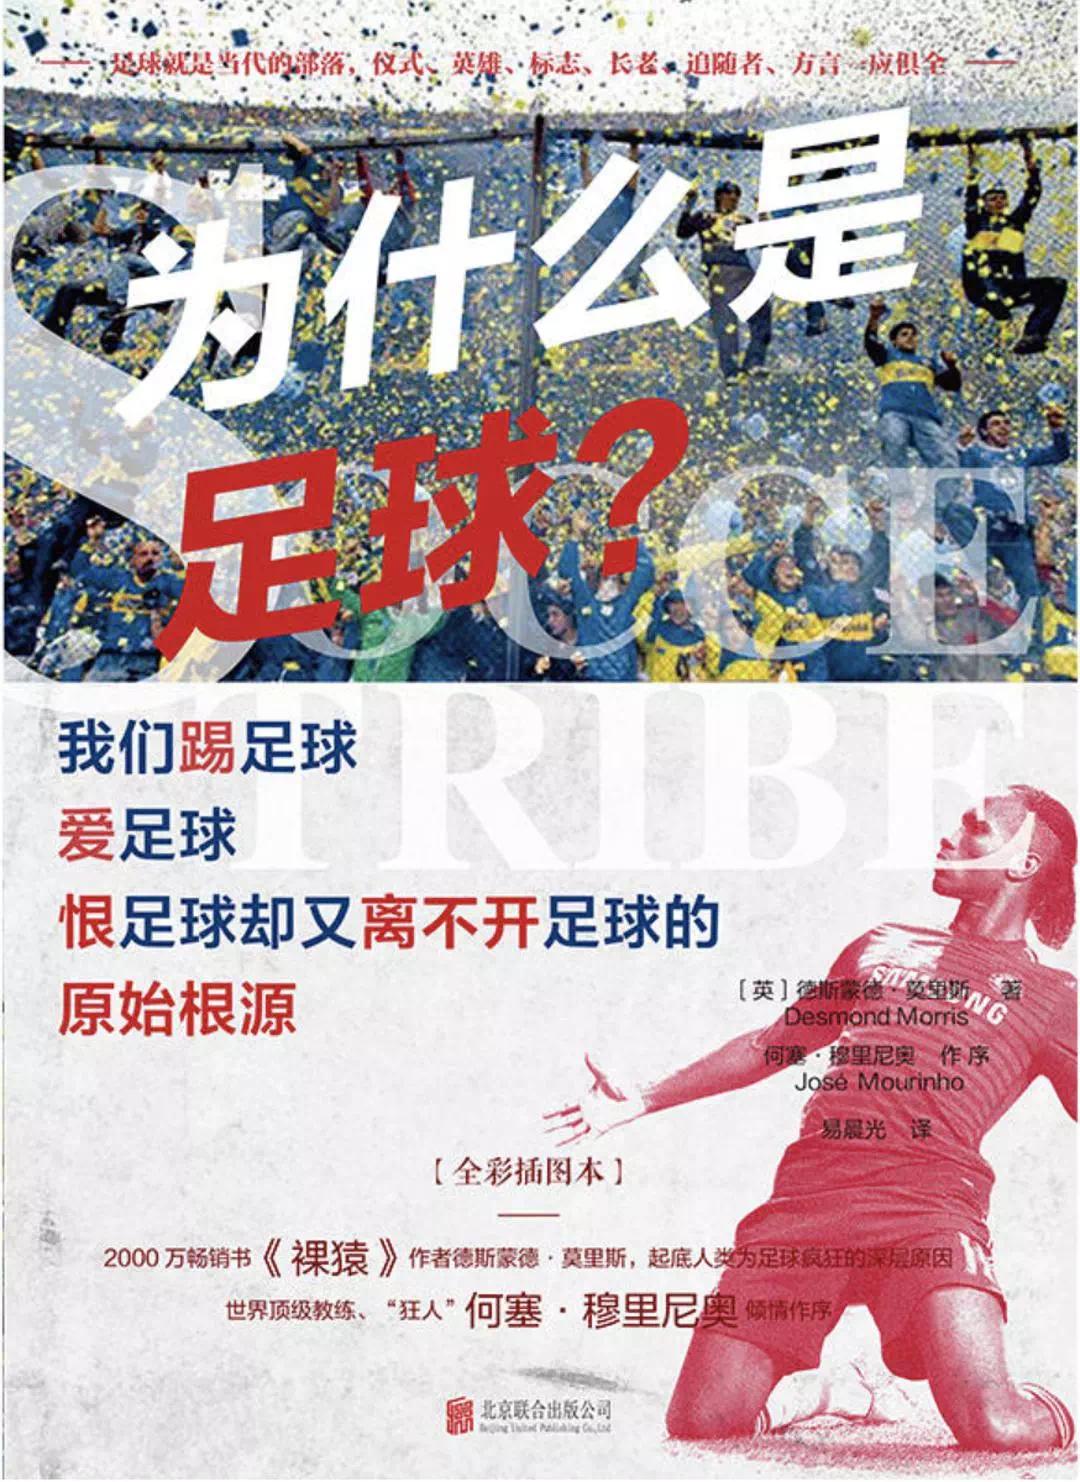 读书 | 足球比赛是不是社会毒品?